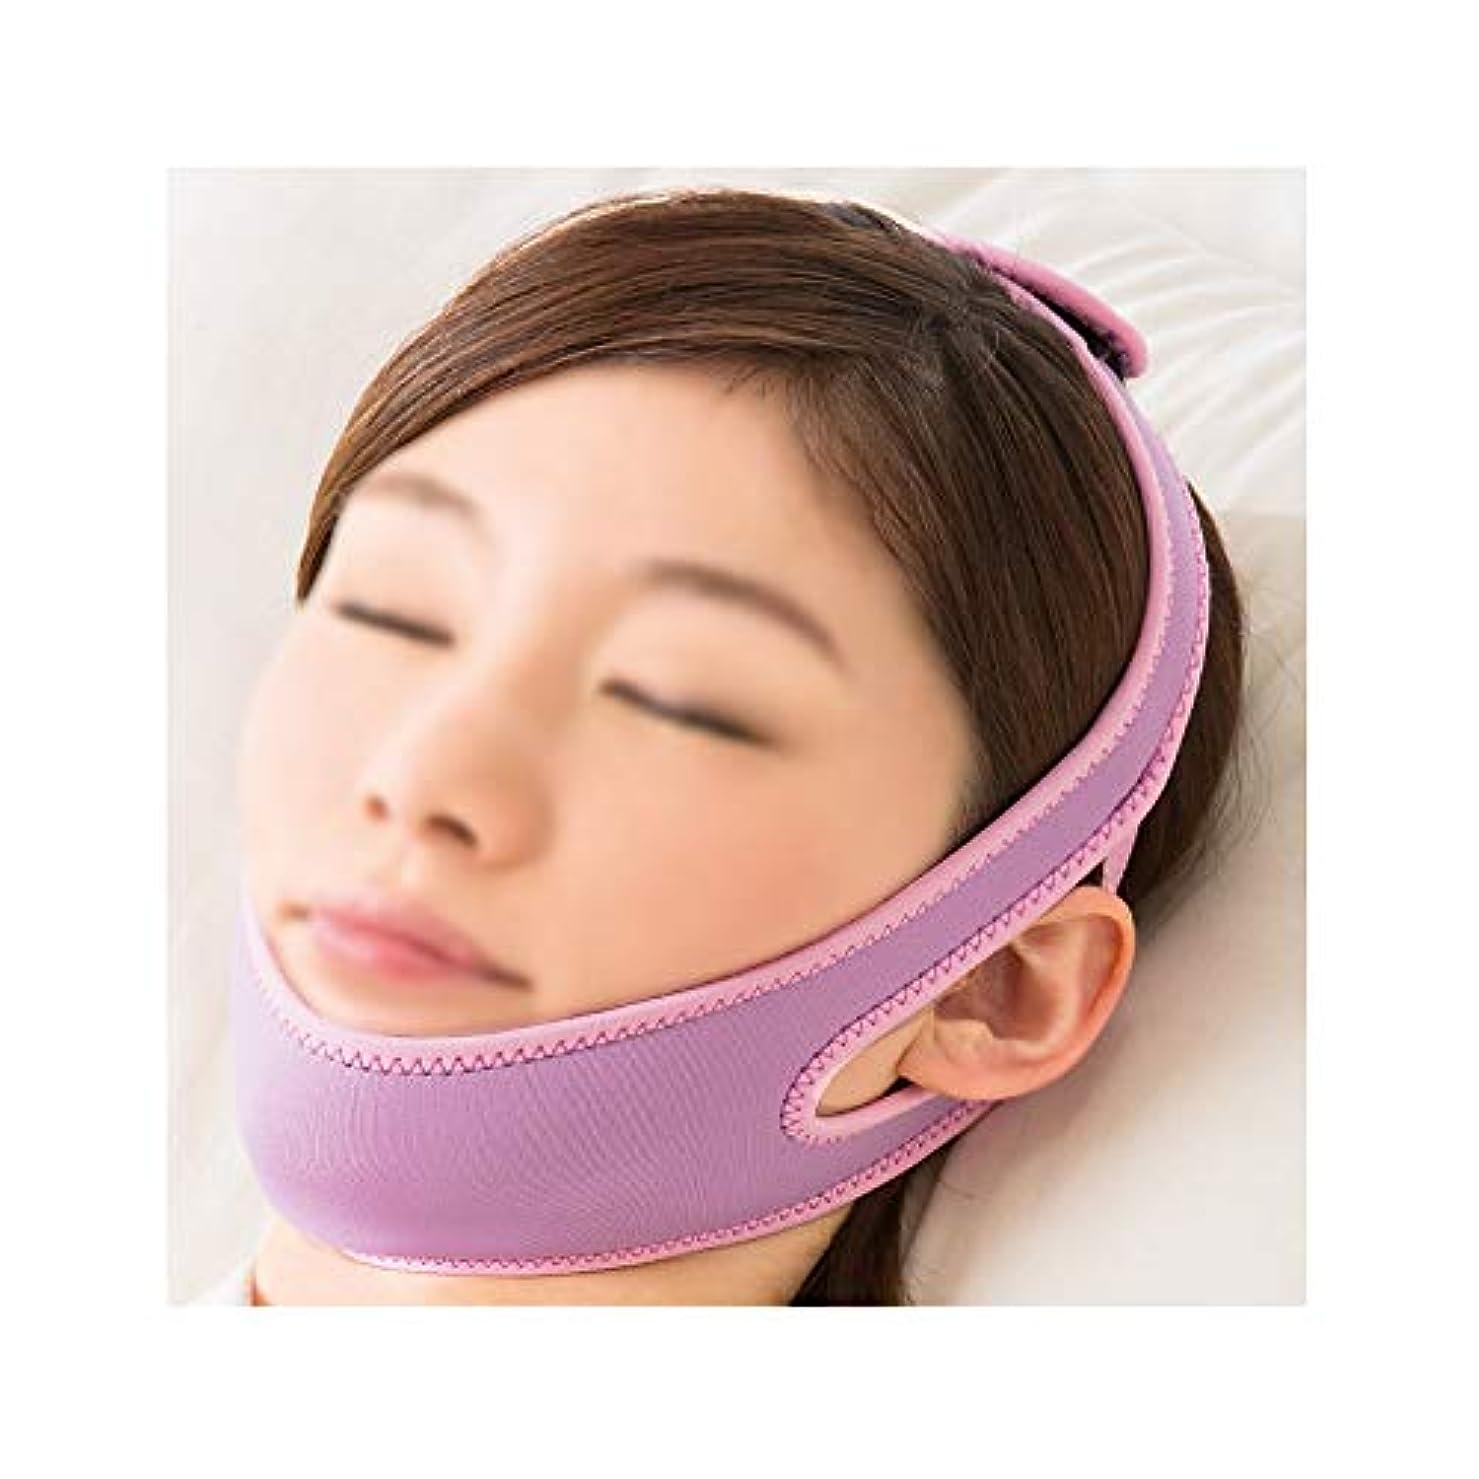 運営平凡スクリューフェイシャルマスク、フェイスリフティングアーティファクトフェイスマスク垂れ下がり面付きVフェイス包帯通気性スリーピングフェイスダブルチンチンセット睡眠弾性スリミングベルト